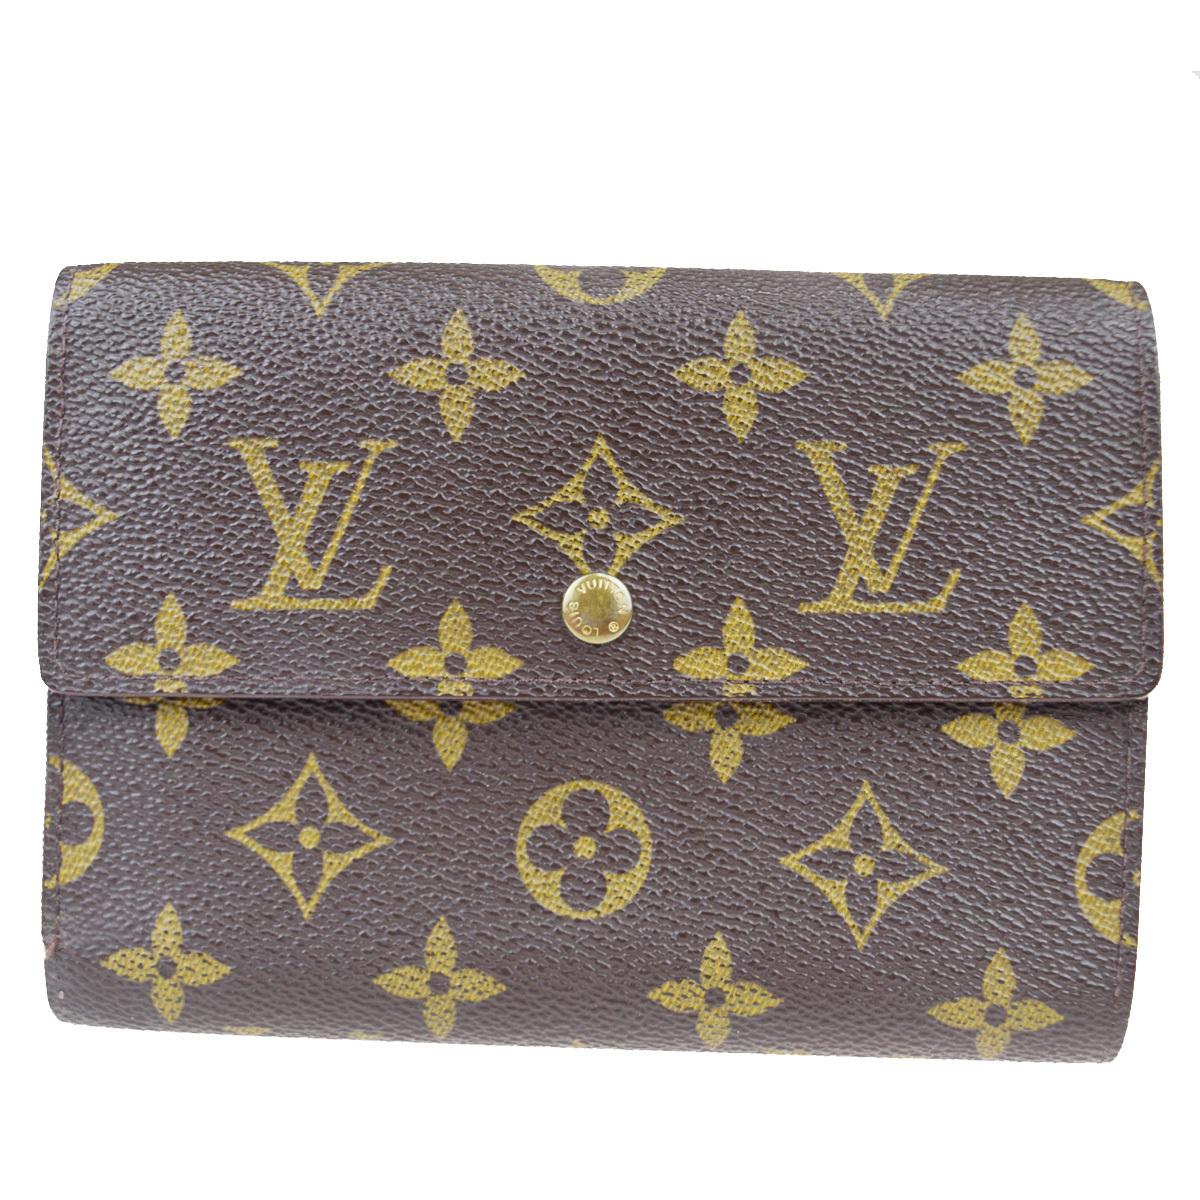 【中古】 ルイ・ヴィトン(Louis Vuitton) ポルトトレゾールエテュイパピエ M61202 モノグラム 中財布(三つ折り) ブラウン 08FA579